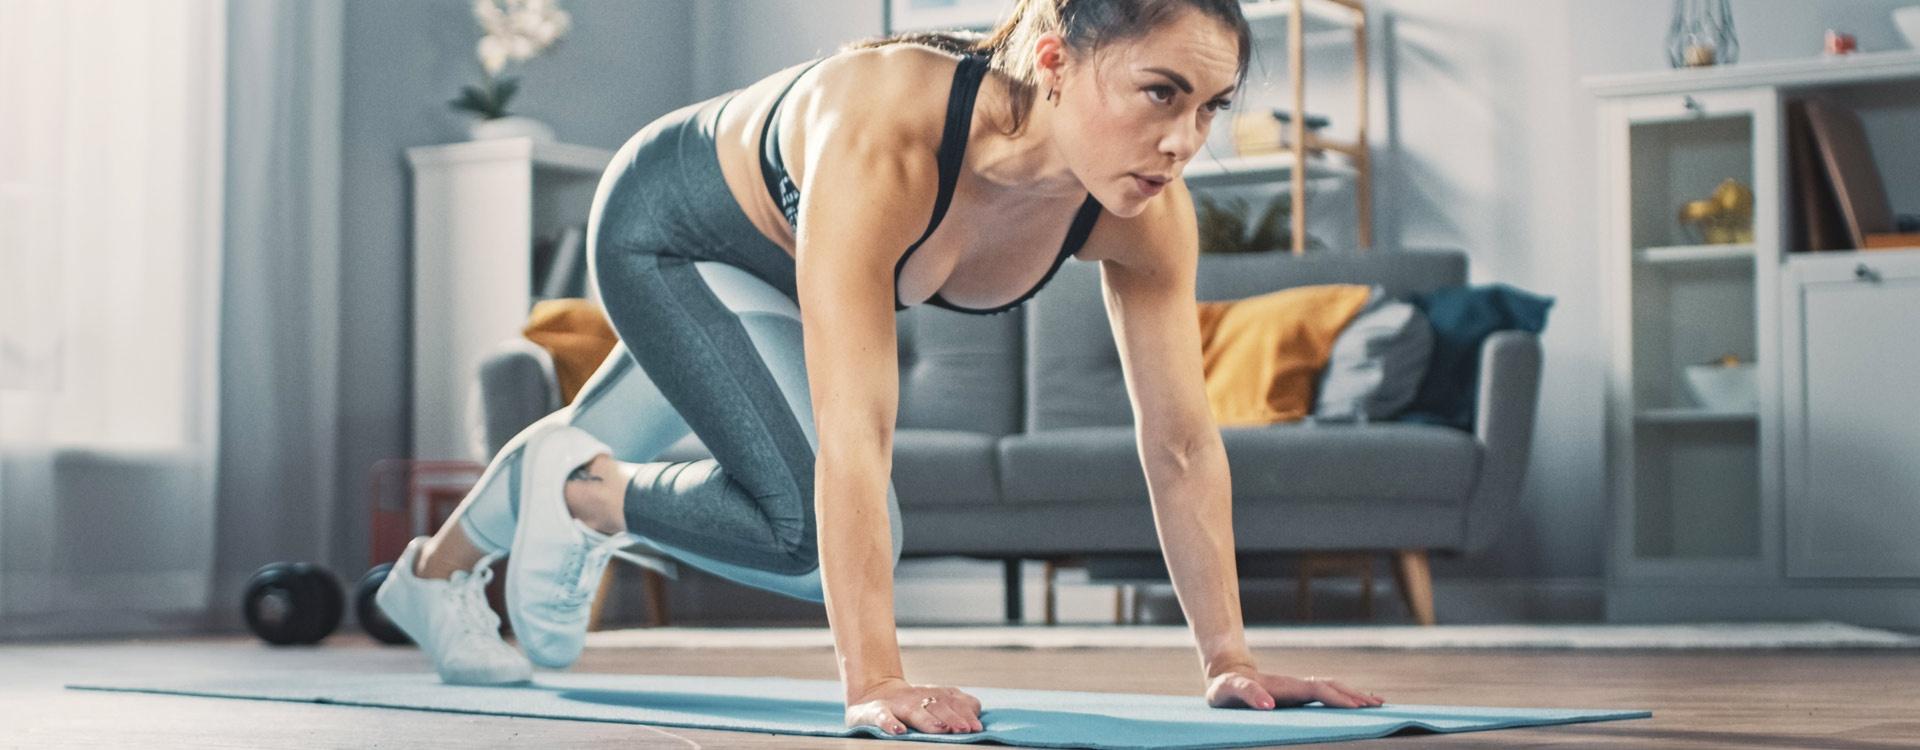 Zestaw do ćwiczenia w domu od TV Okazje